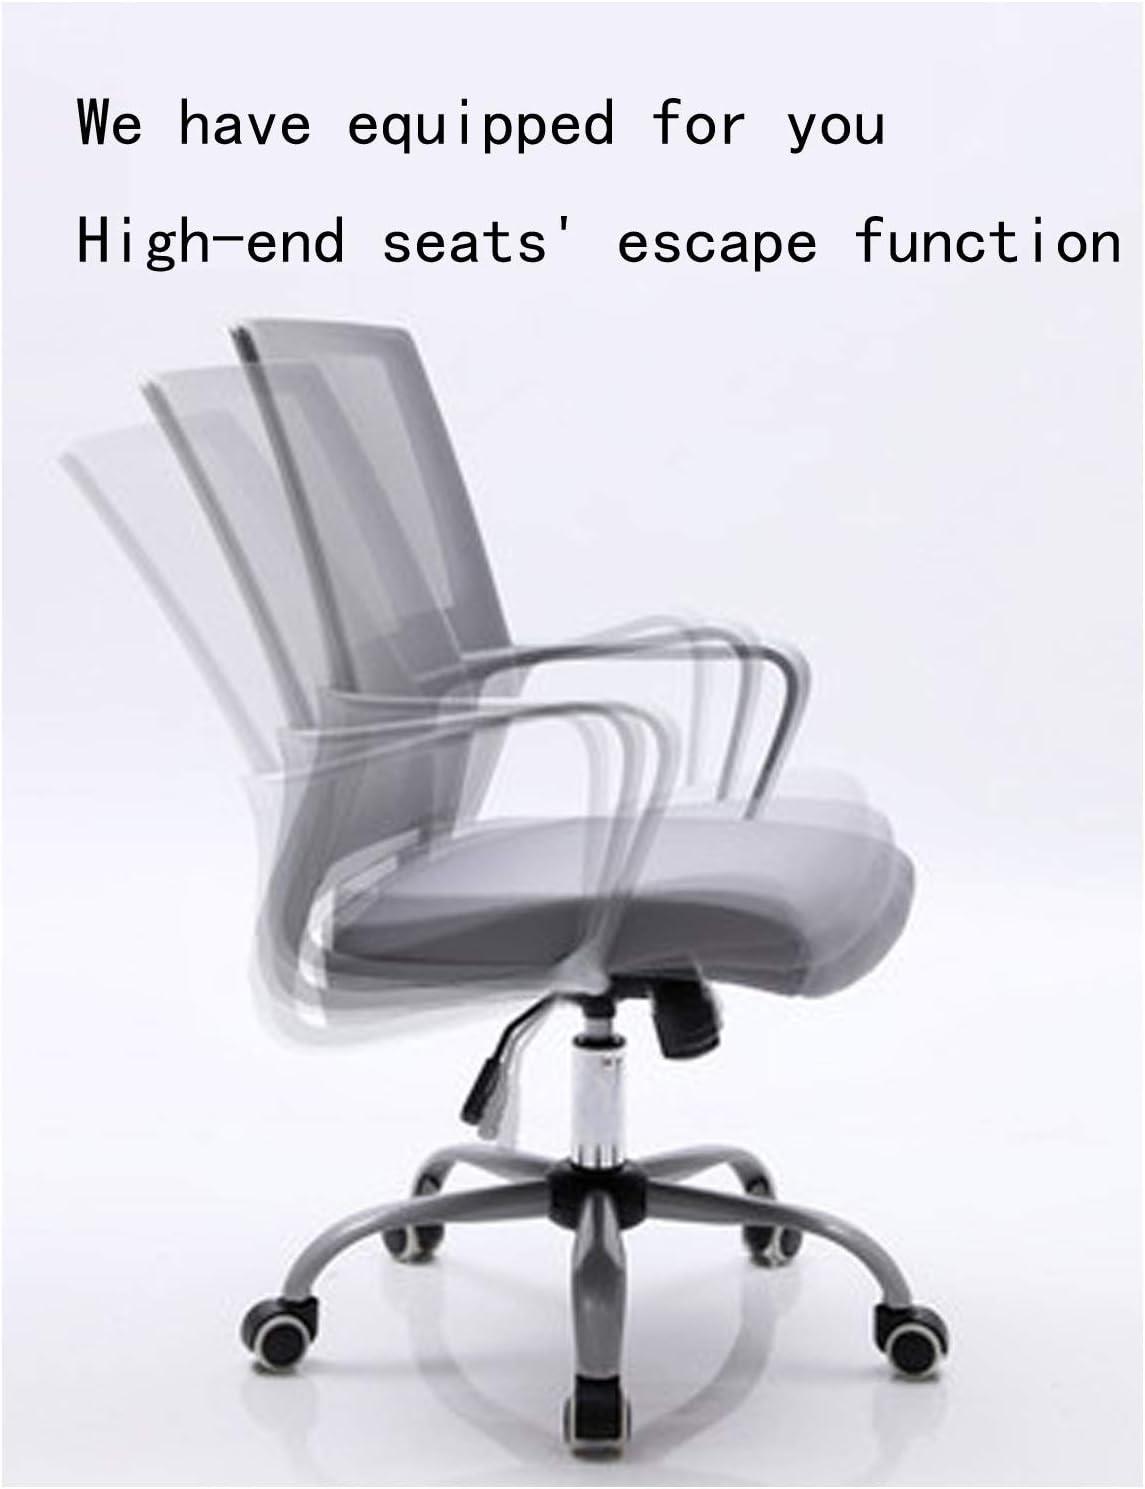 Chaise de Bureau Simple et Confortable Chaise pivotante Chaise d'étude Tabouret Bureau d'étude Retour Accueil Simple Personnel Chaise de Bureau Green Grey